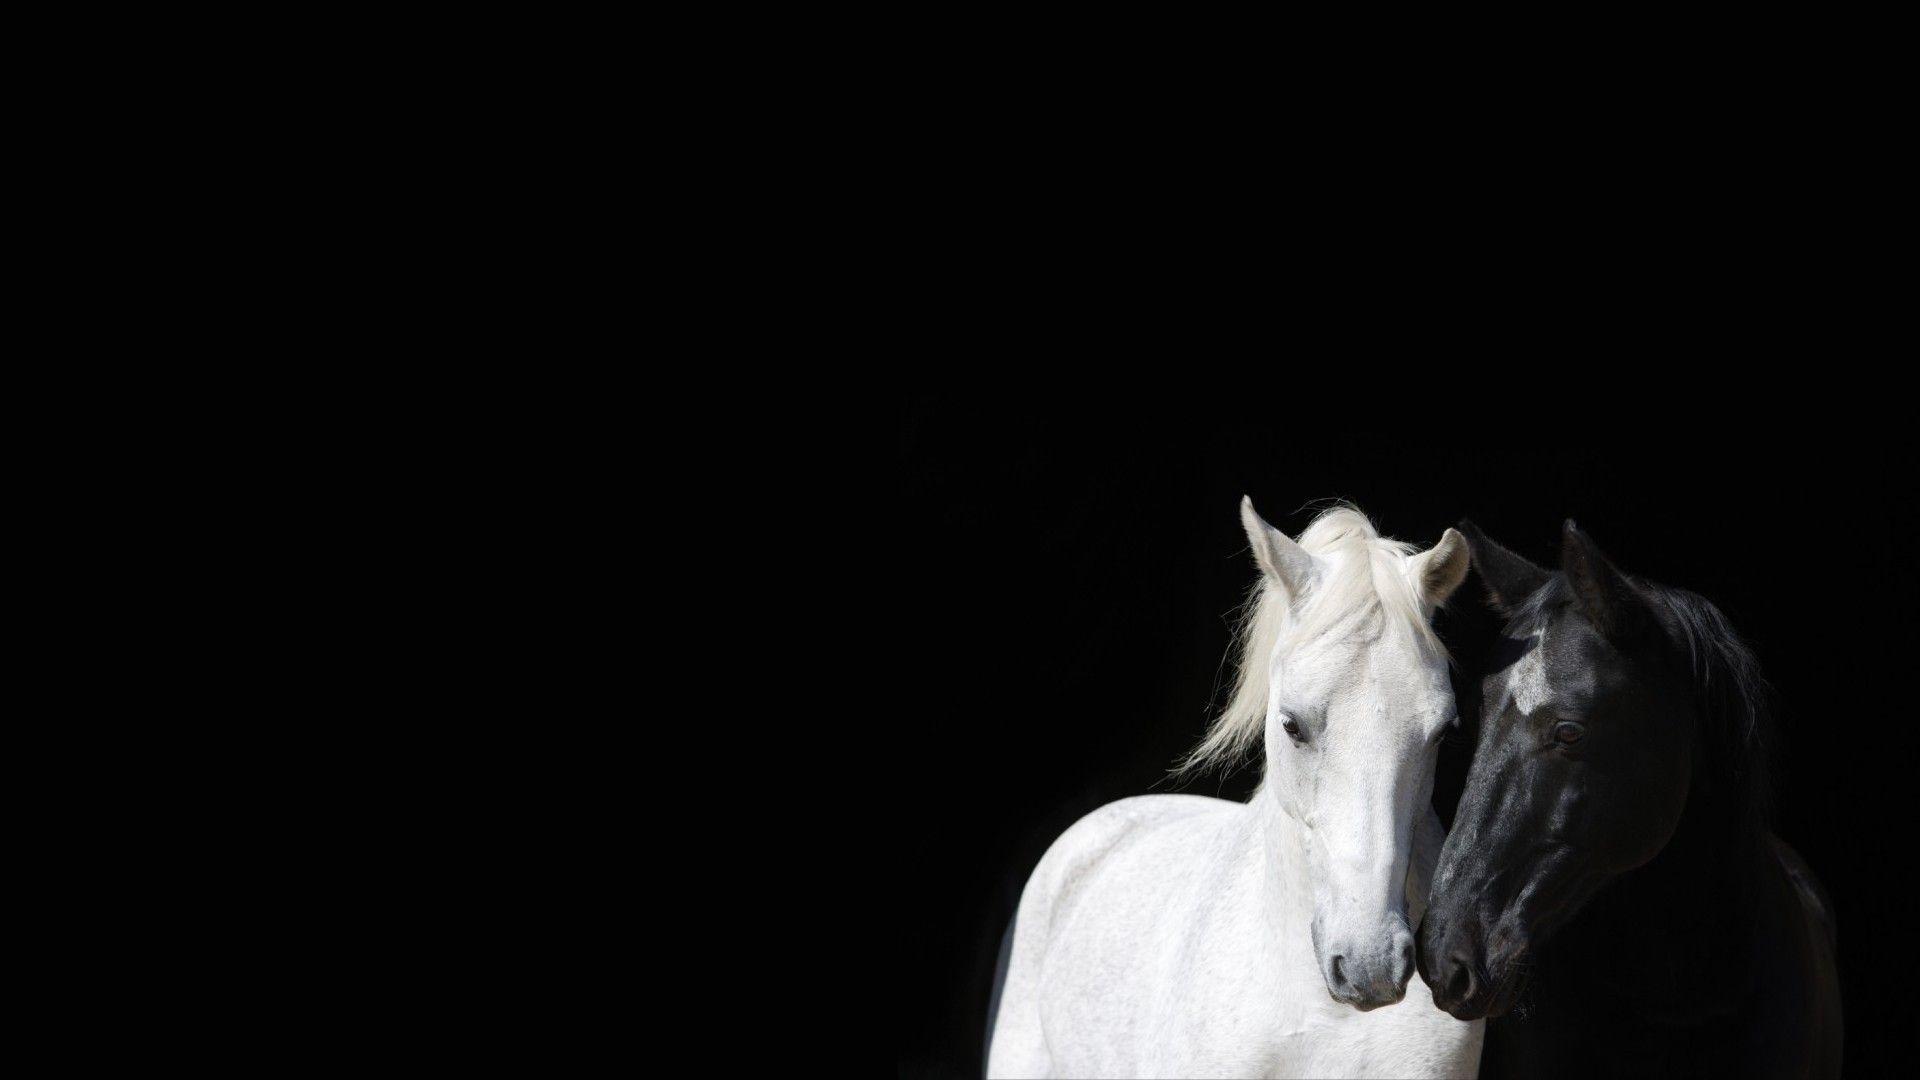 Animaux Noirs Et Blancs Chevaux Fond D Ecran Animaux Noir Et Blanc Paysage Noir Et Blanc Noir Et Blanc